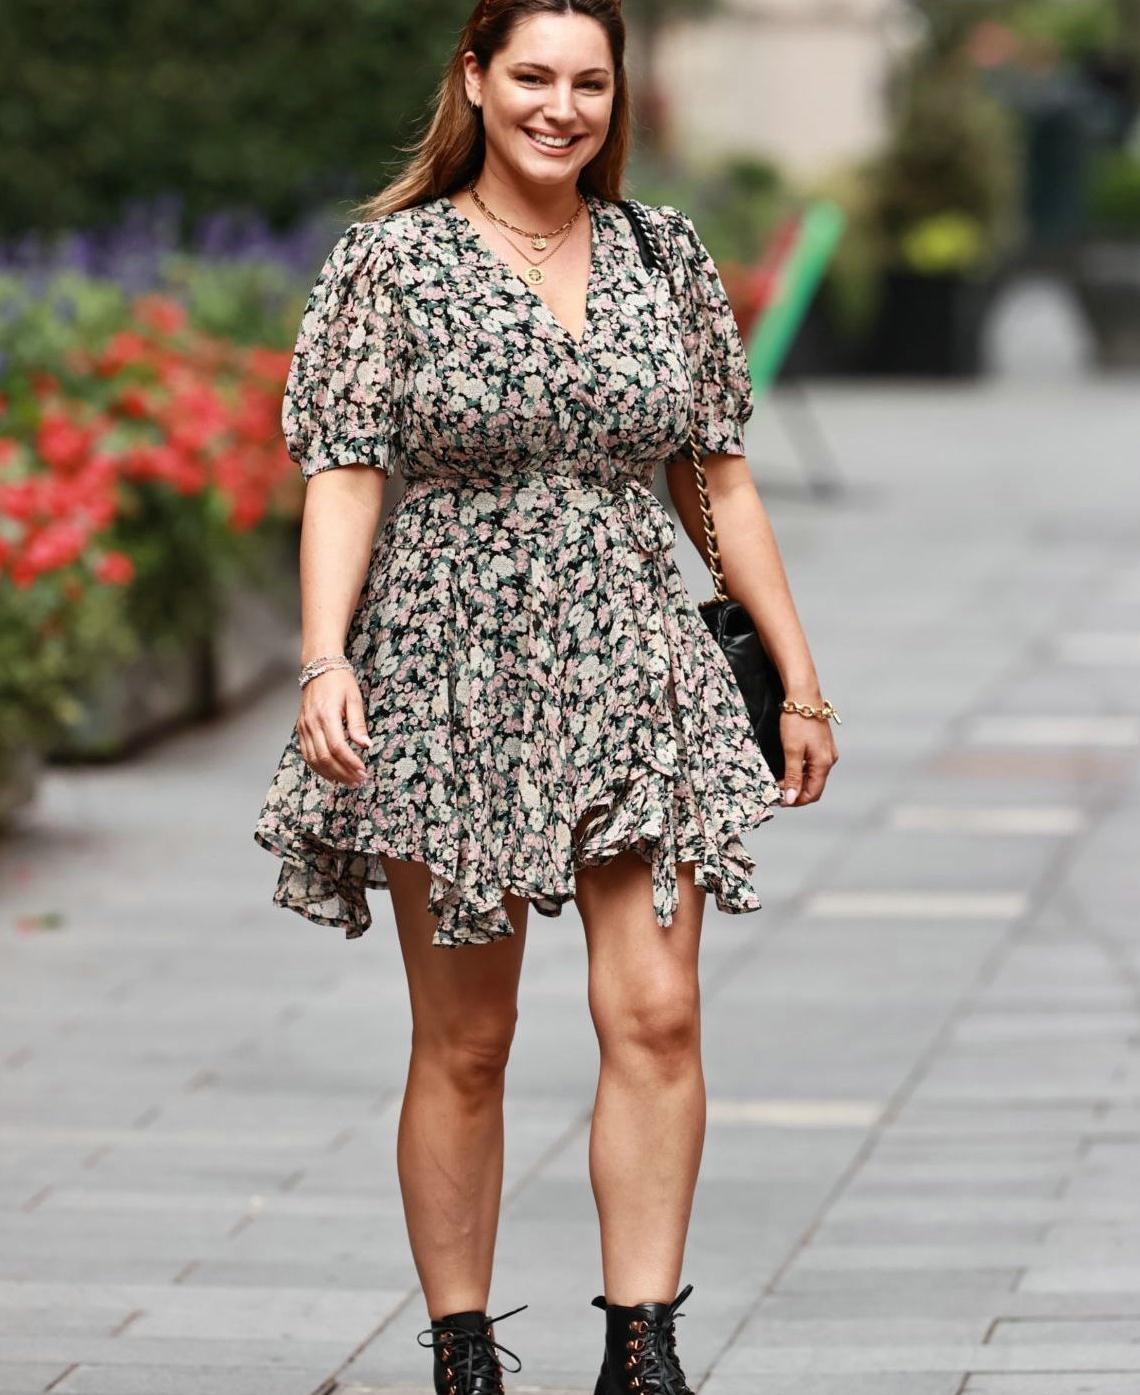 凯莉·布鲁克一袭碎花连身裙清新减龄,搭马丁靴炫酷街头